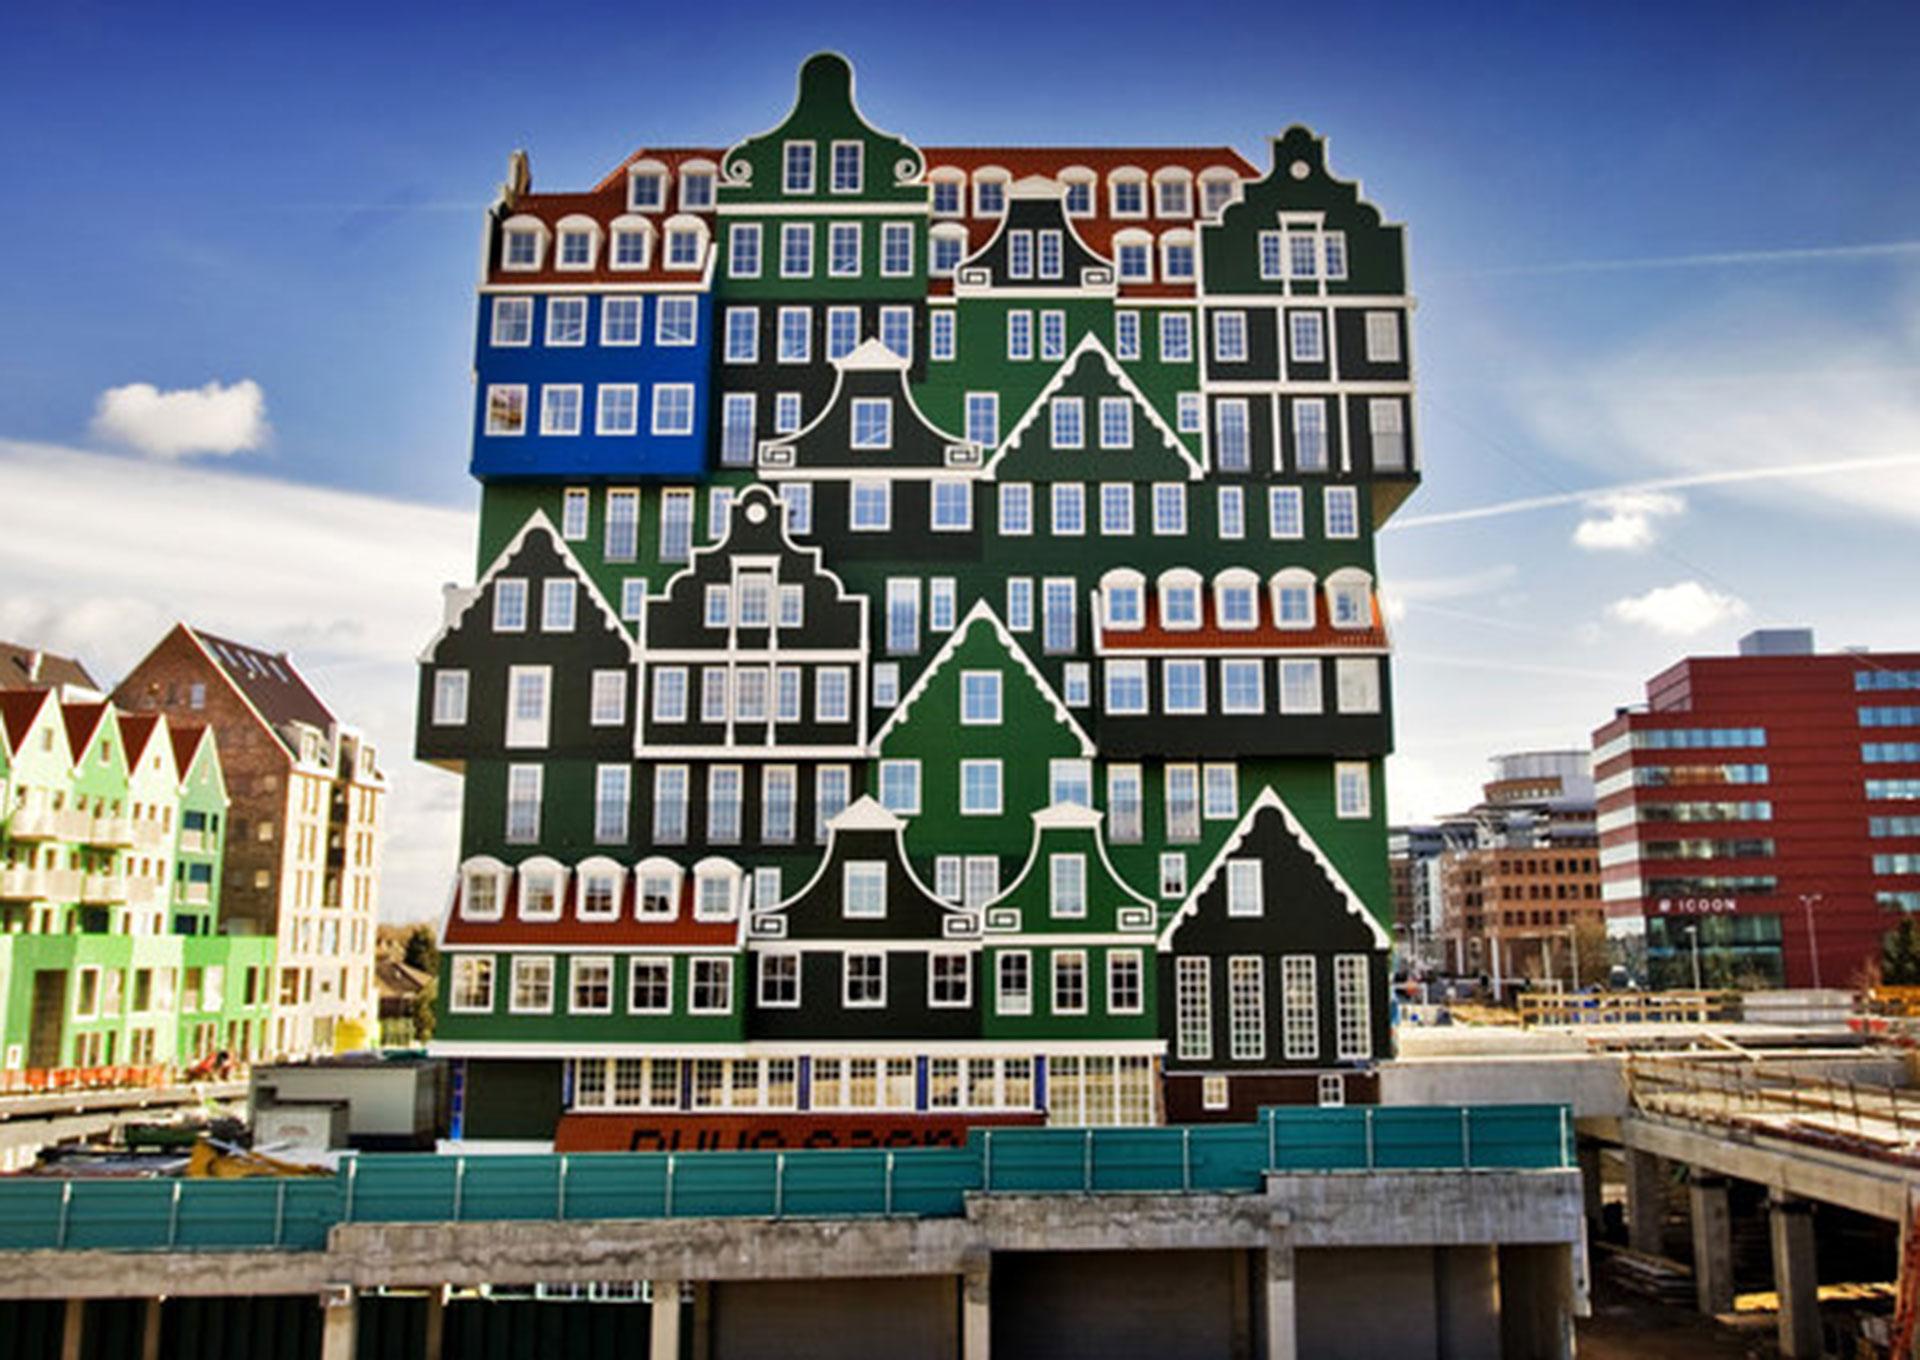 The Inntel Hotel Amsterdam Zaandam (Zaandam, Holanda). Tiene la particularidad de parecer un conjunto de casas tradicionales holandesas apiladas una encima de la otra (Koen van Weel/AFP/Getty Images)